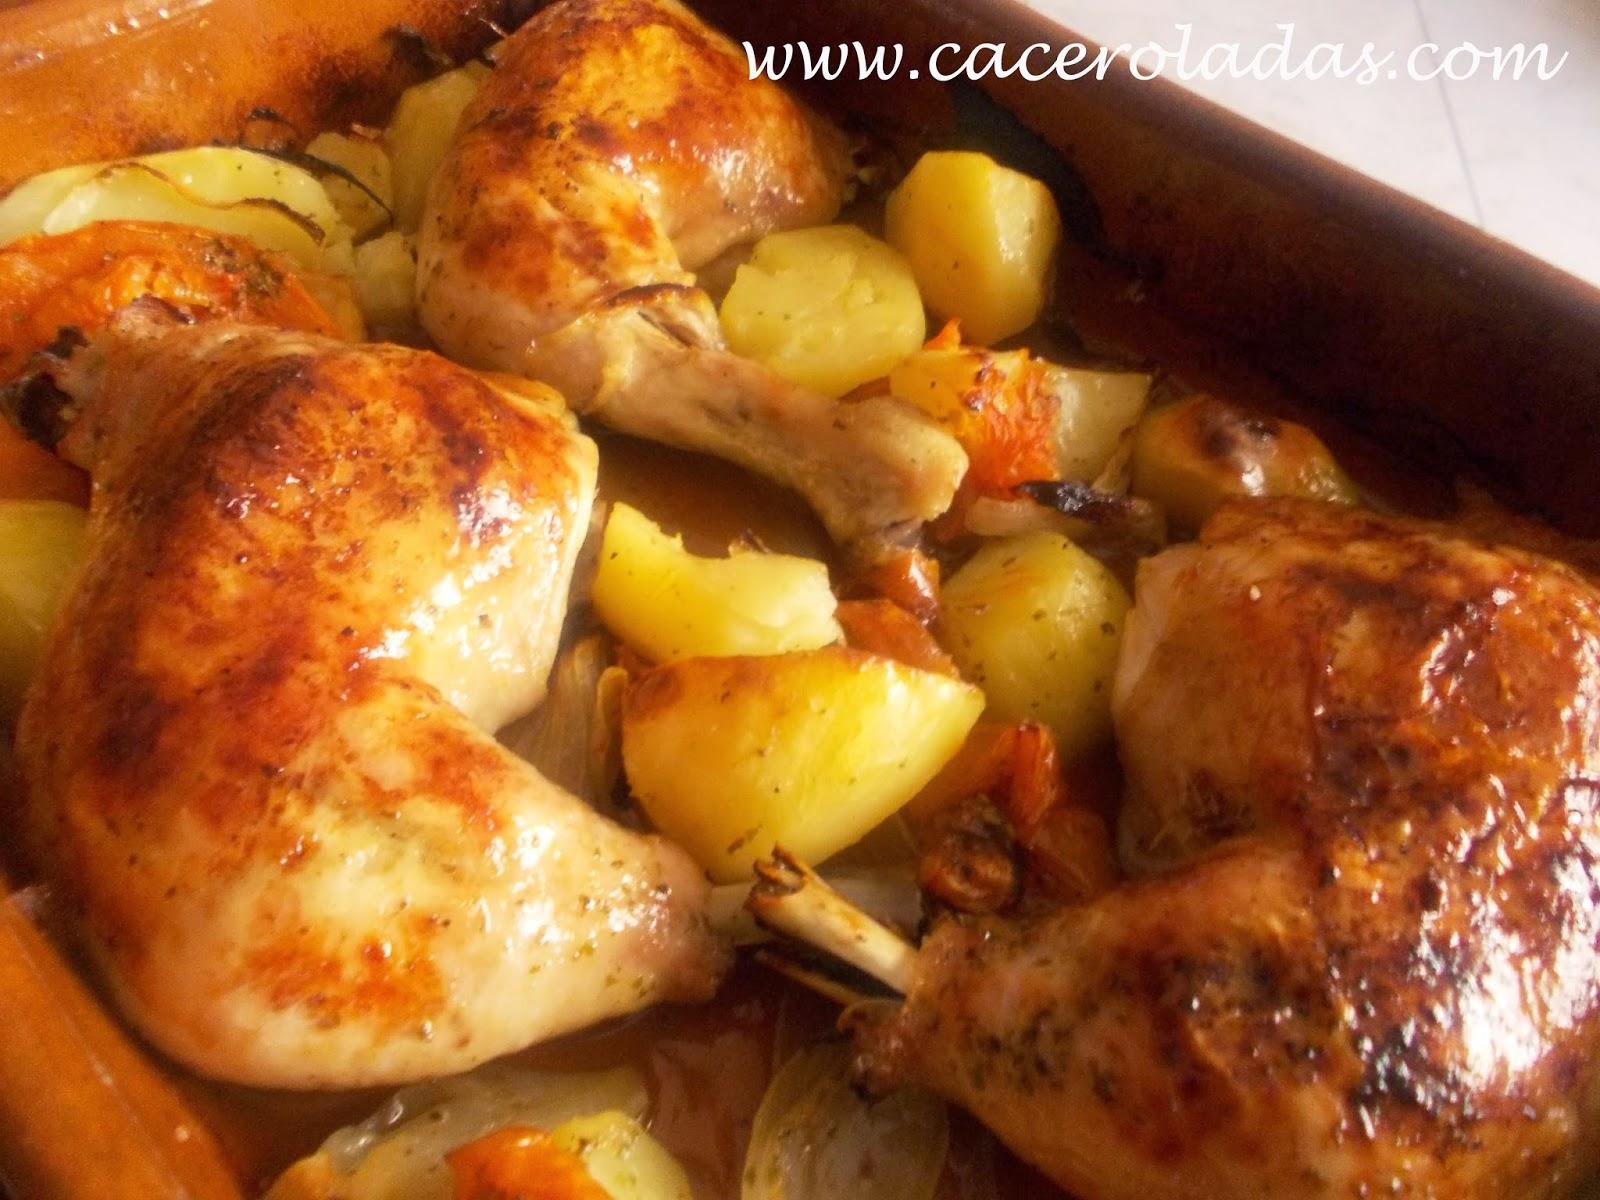 Pollo al horno con patatas tomates y cebolla caceroladas - Pollo al horno con limon y patatas ...